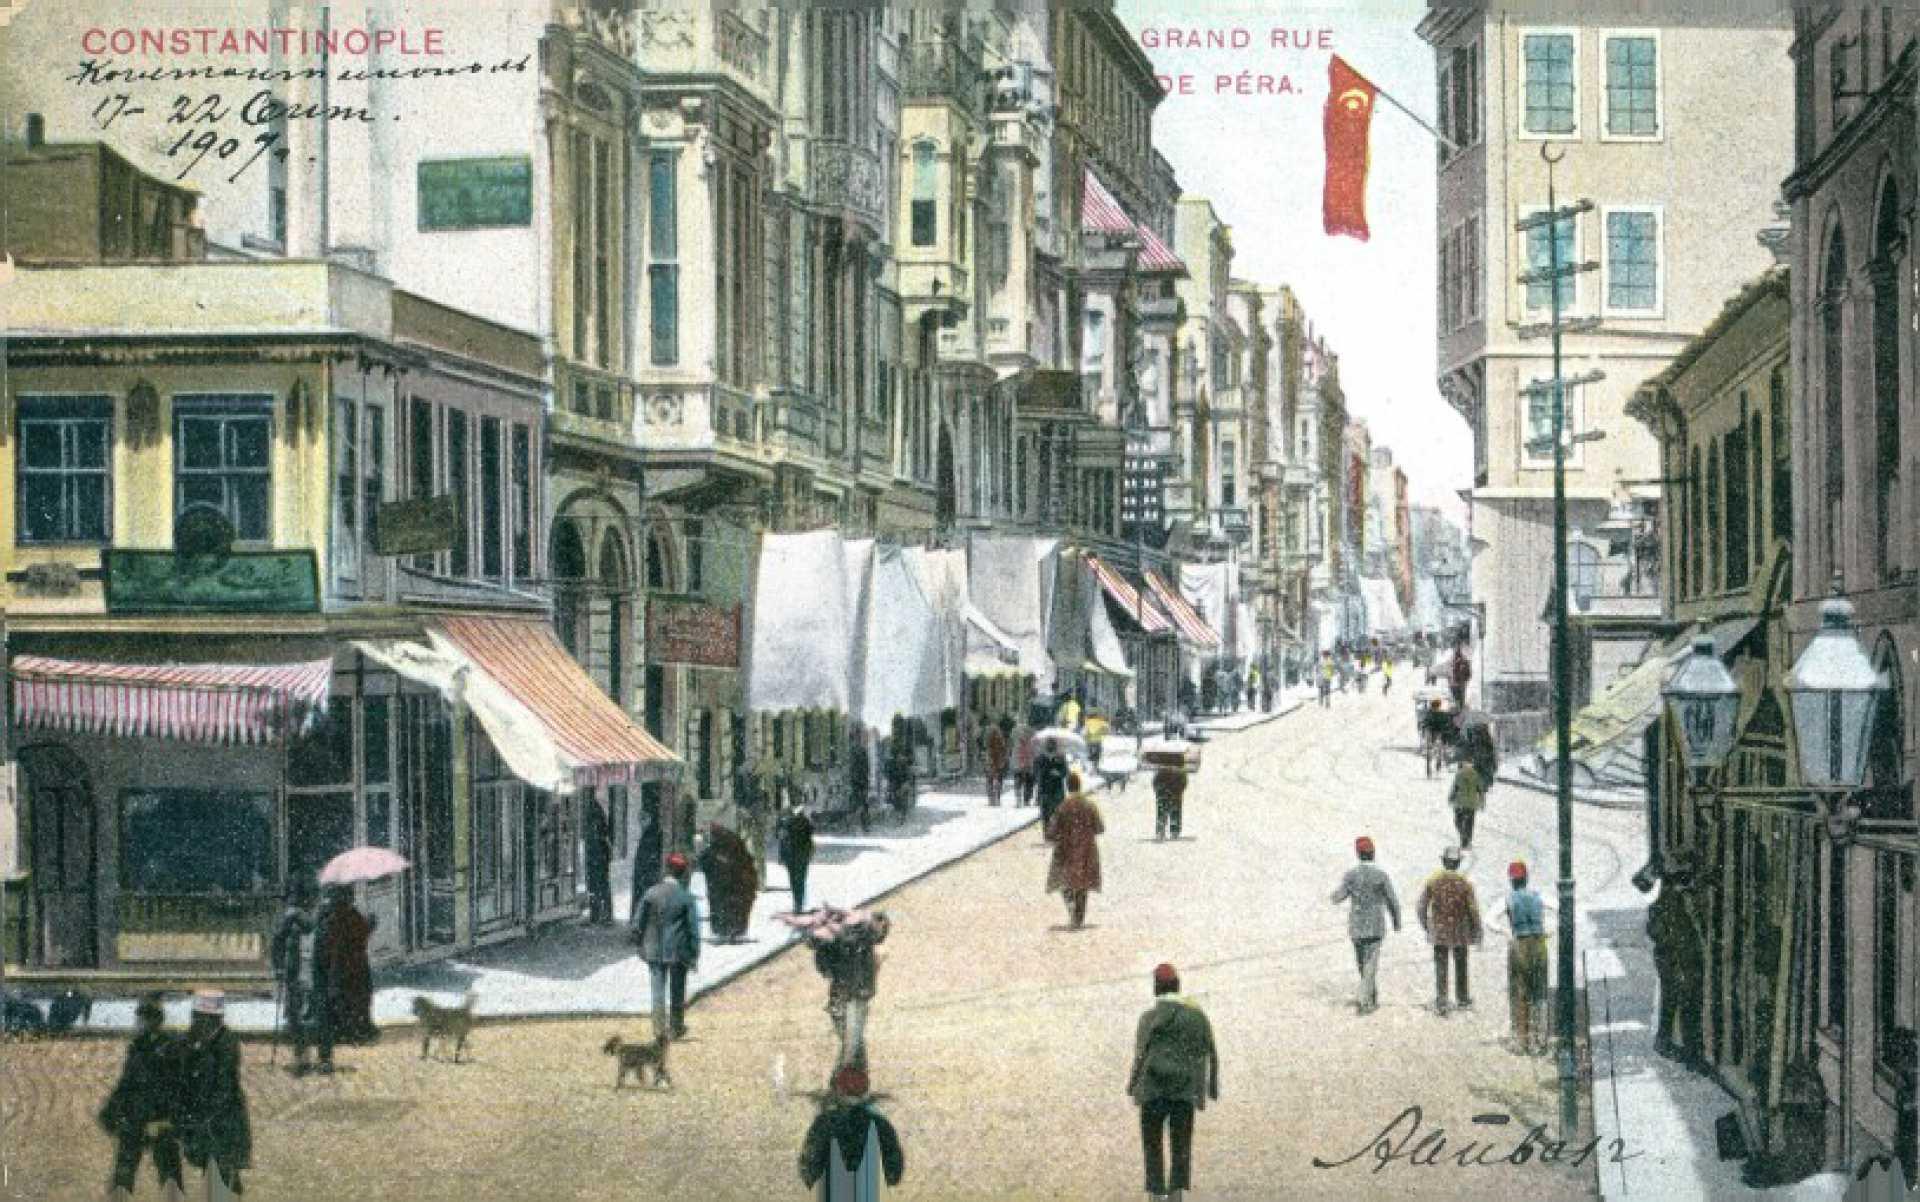 Grand Rue de Pera. Constantinople